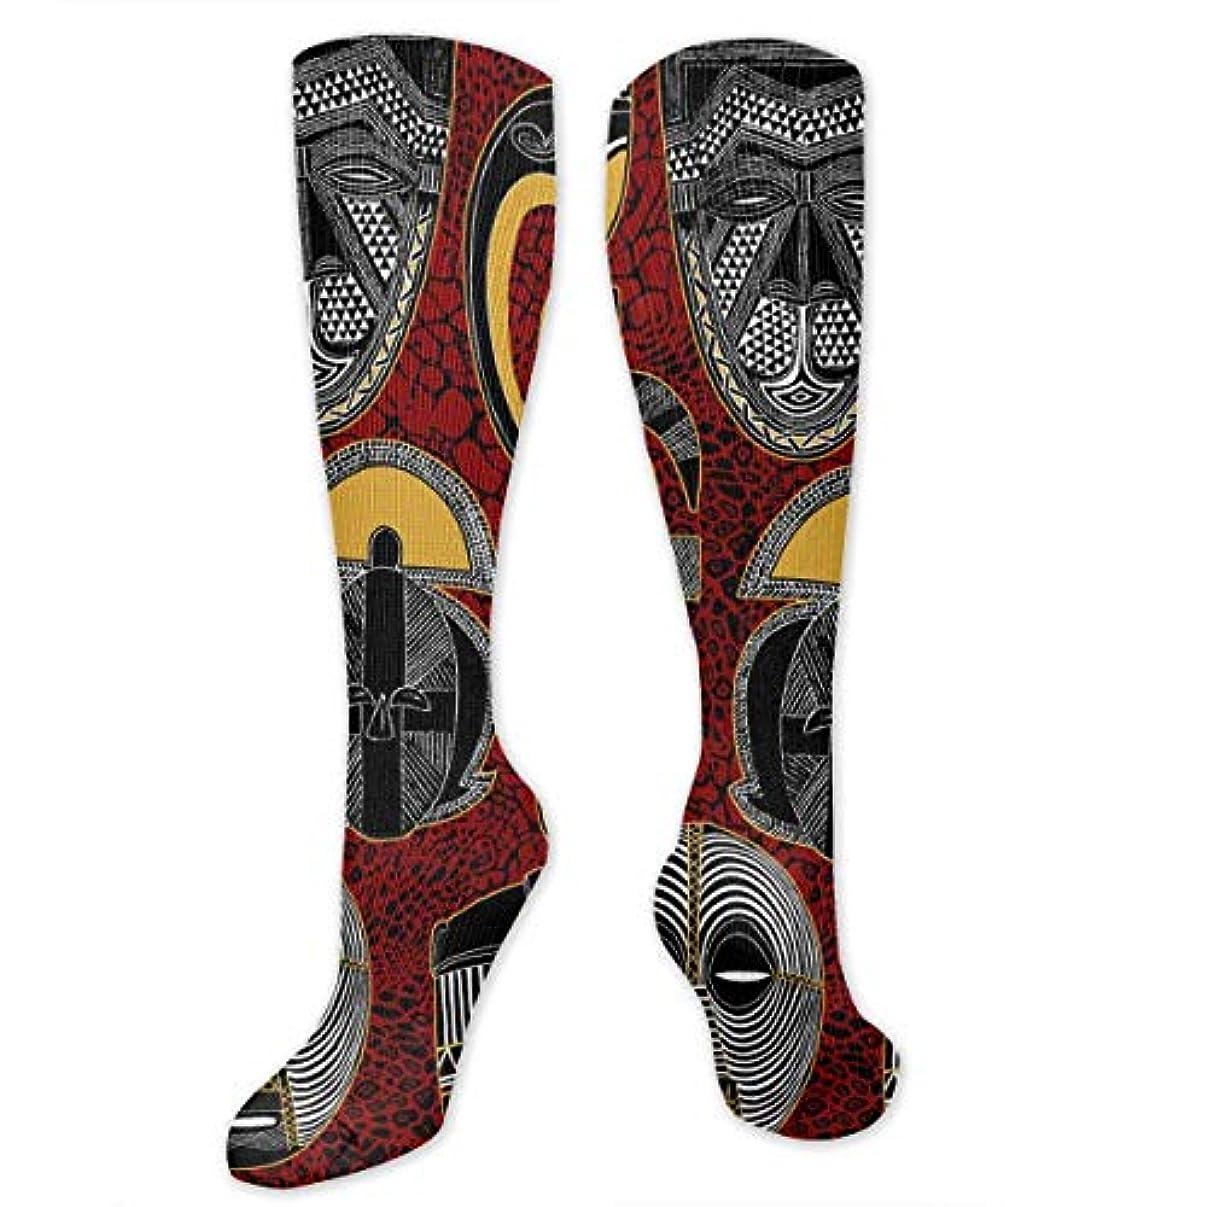 ブレースパンギャザー靴下,ストッキング,野生のジョーカー,実際,秋の本質,冬必須,サマーウェア&RBXAA Mask African Motifs Crazy.jpg Socks Women's Winter Cotton Long Tube...